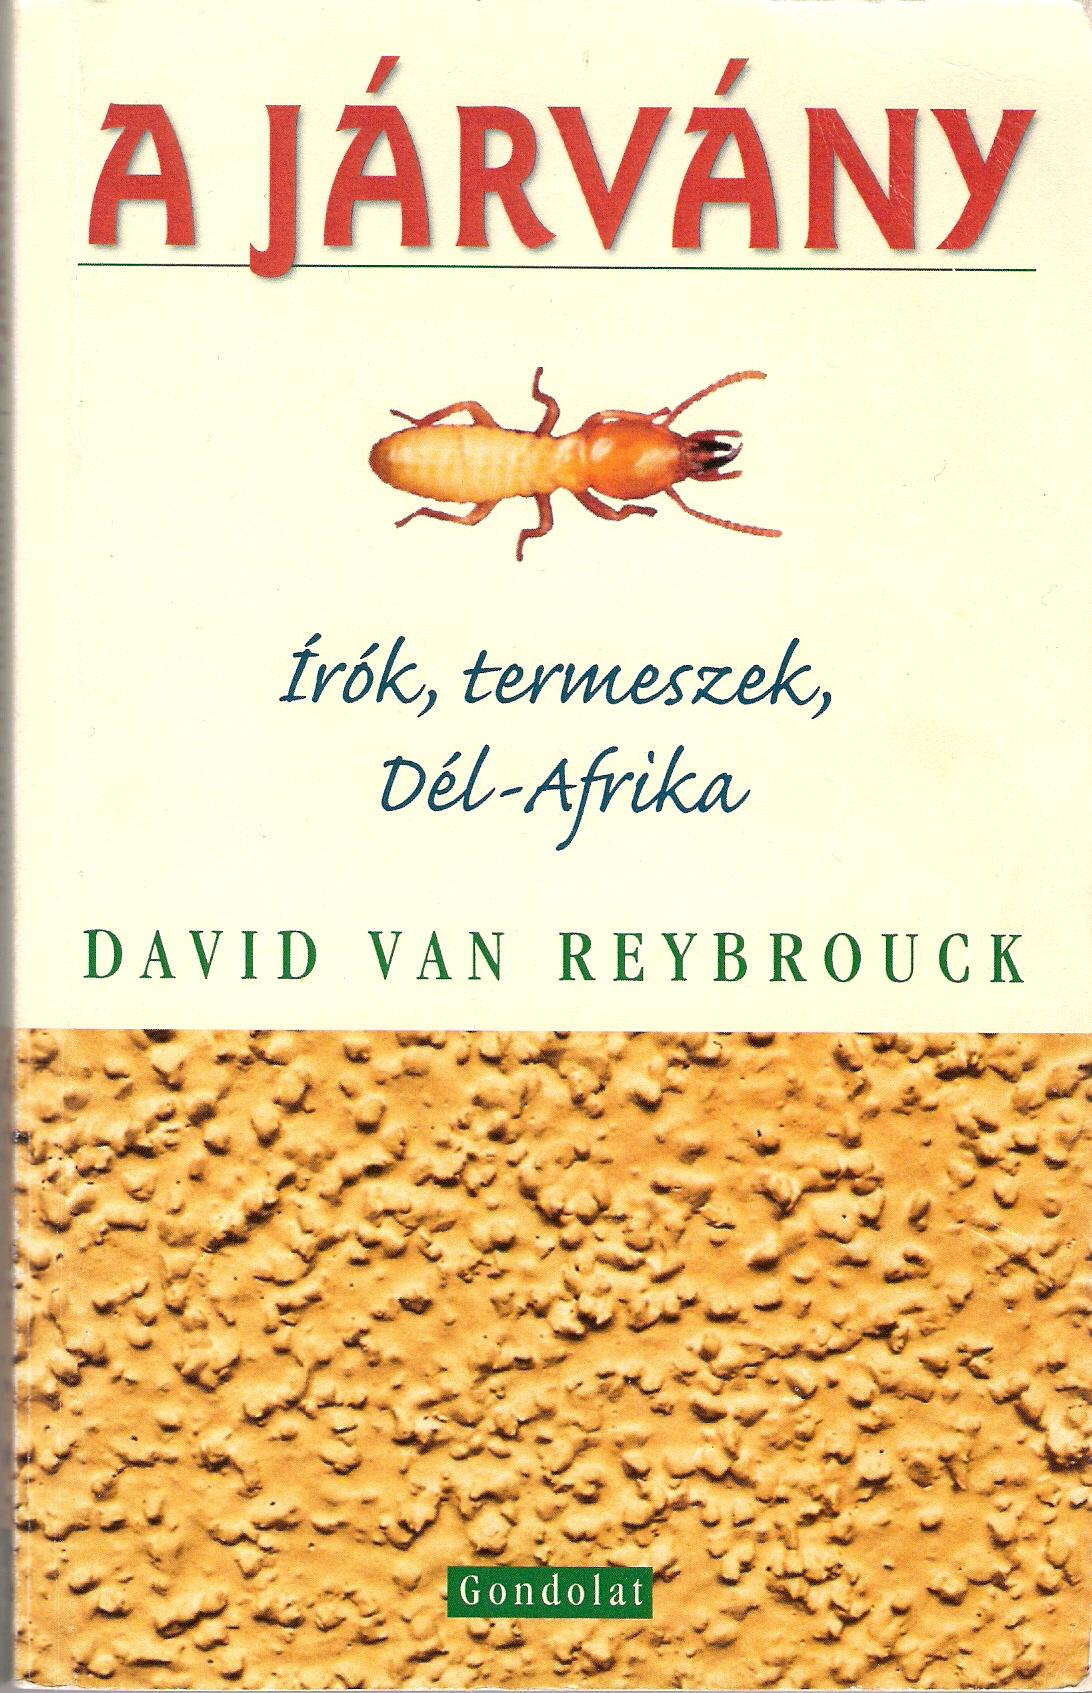 David Van Reybrouck: A járvány